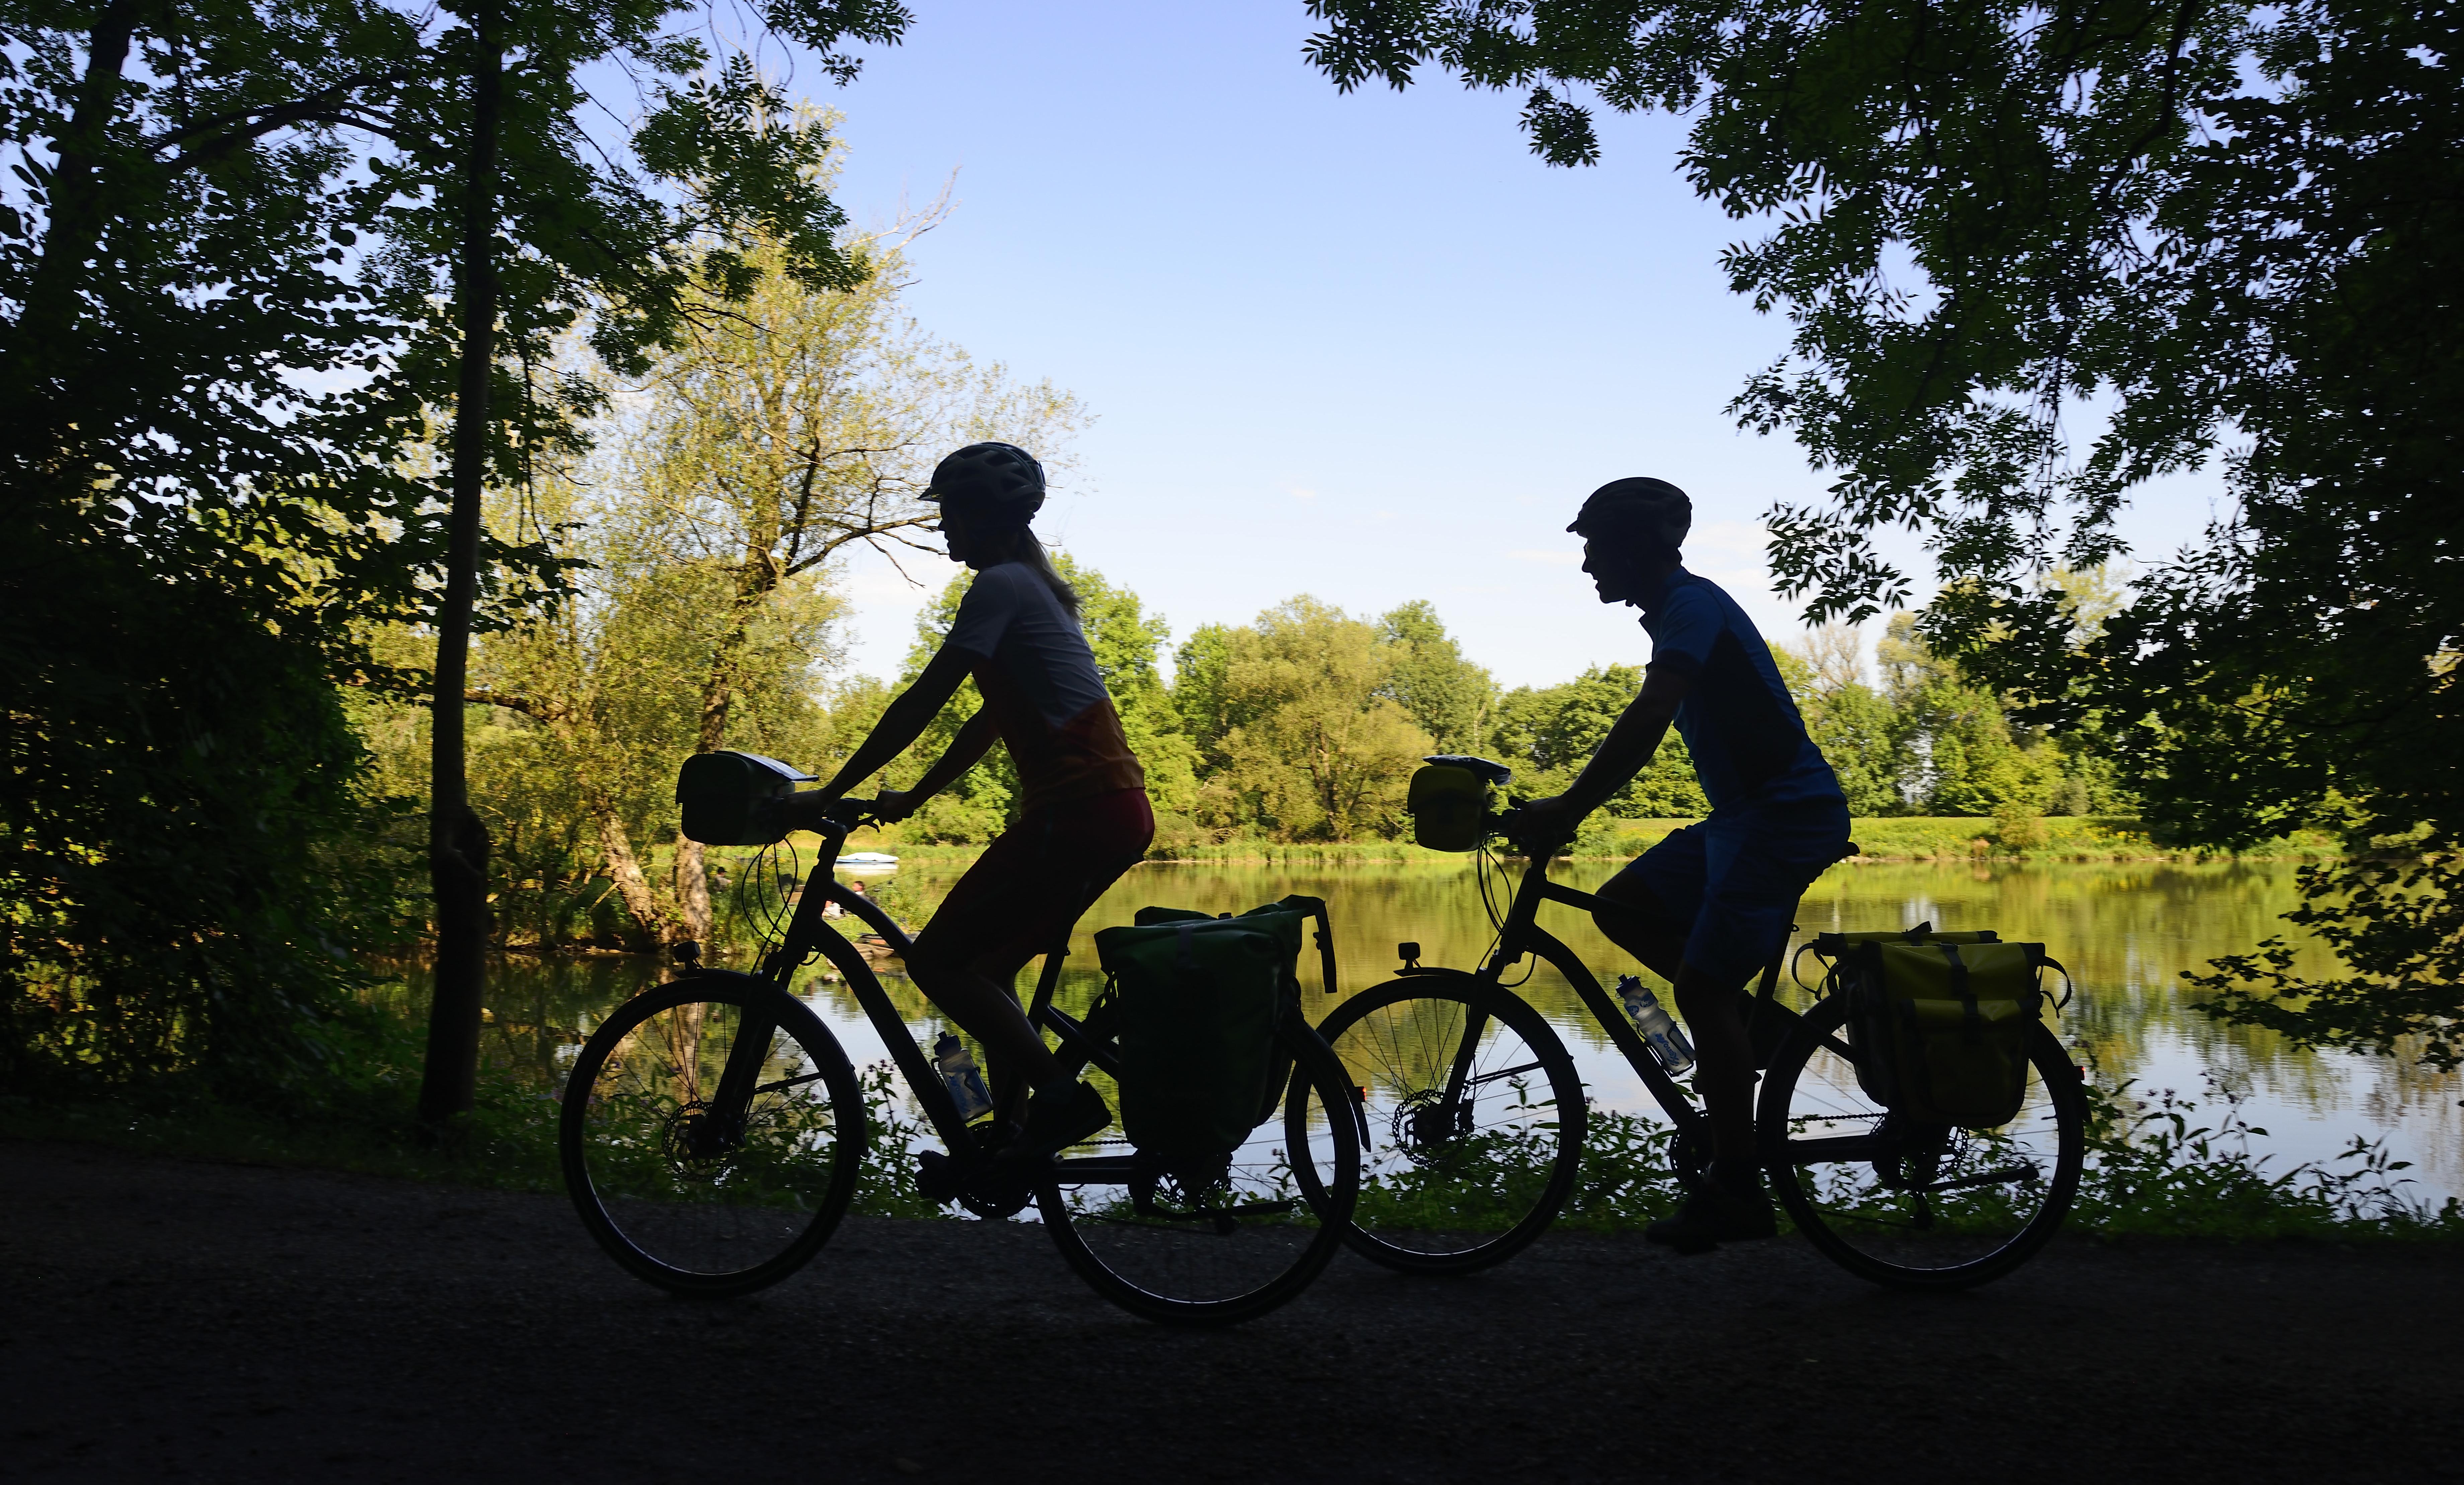 Entspannend und erholsam: Radeln am Fluss